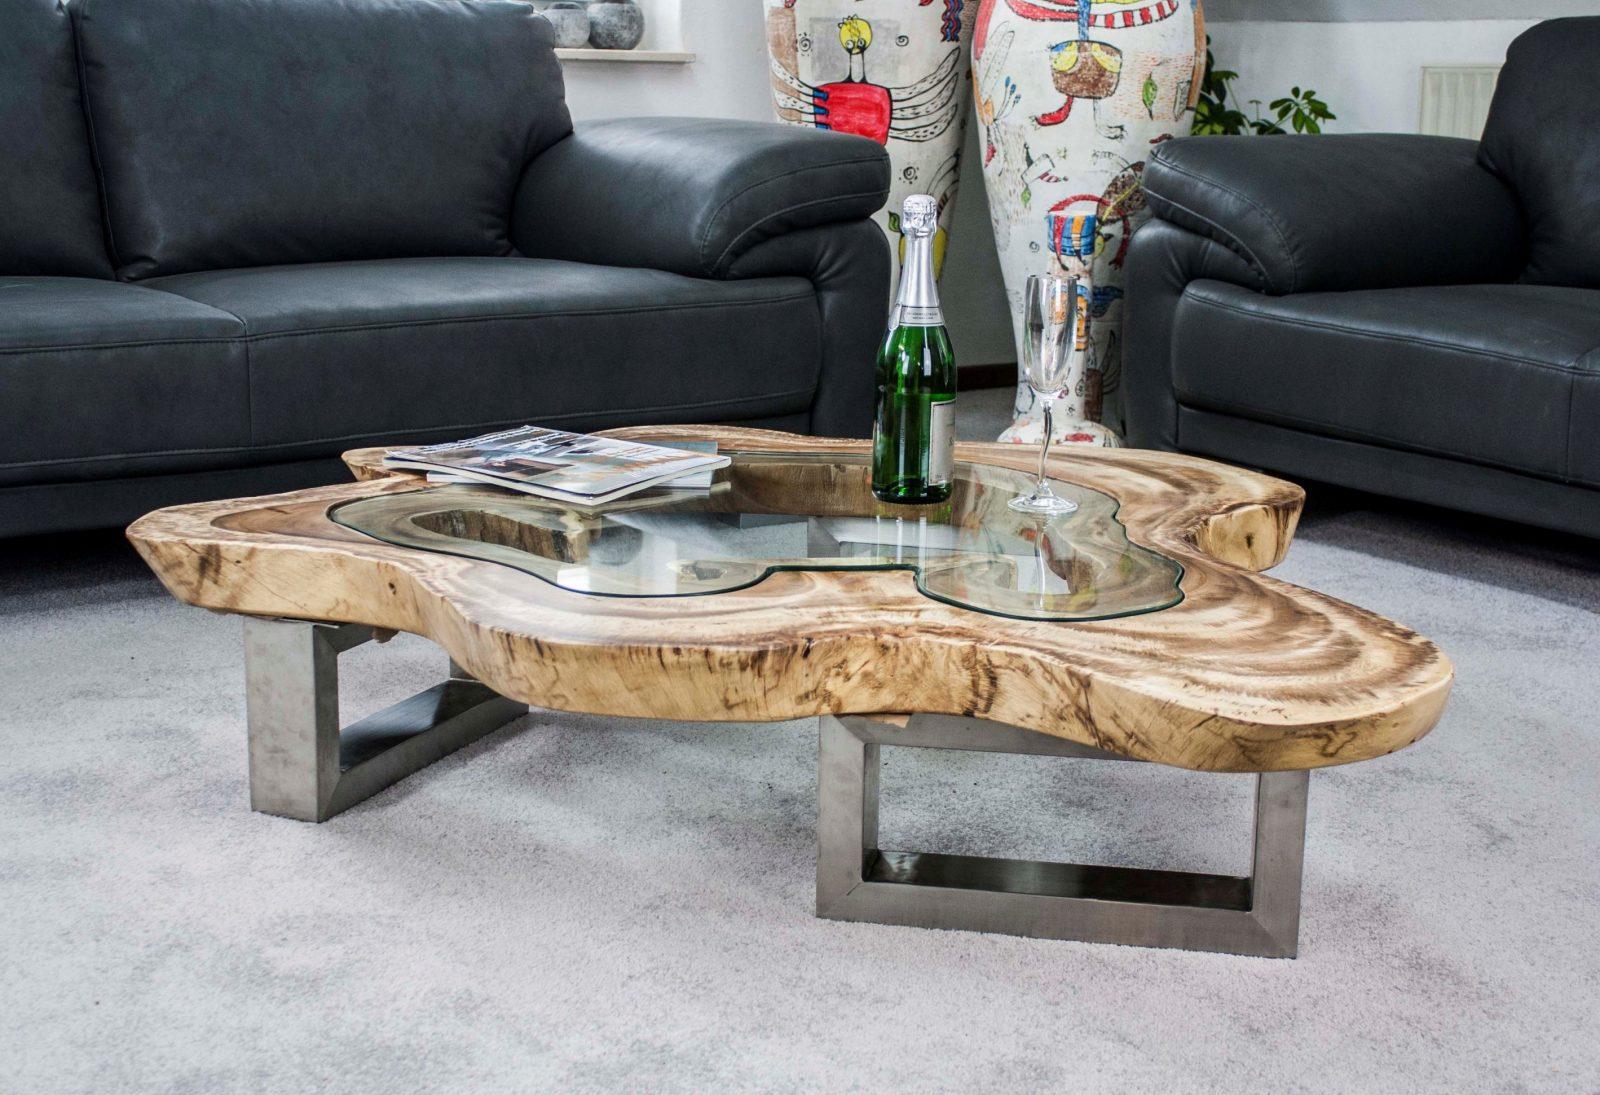 Beliebt Couchtisch Aus Baumscheibe Design 299 von Tisch Baumscheibe Selber Bauen Photo